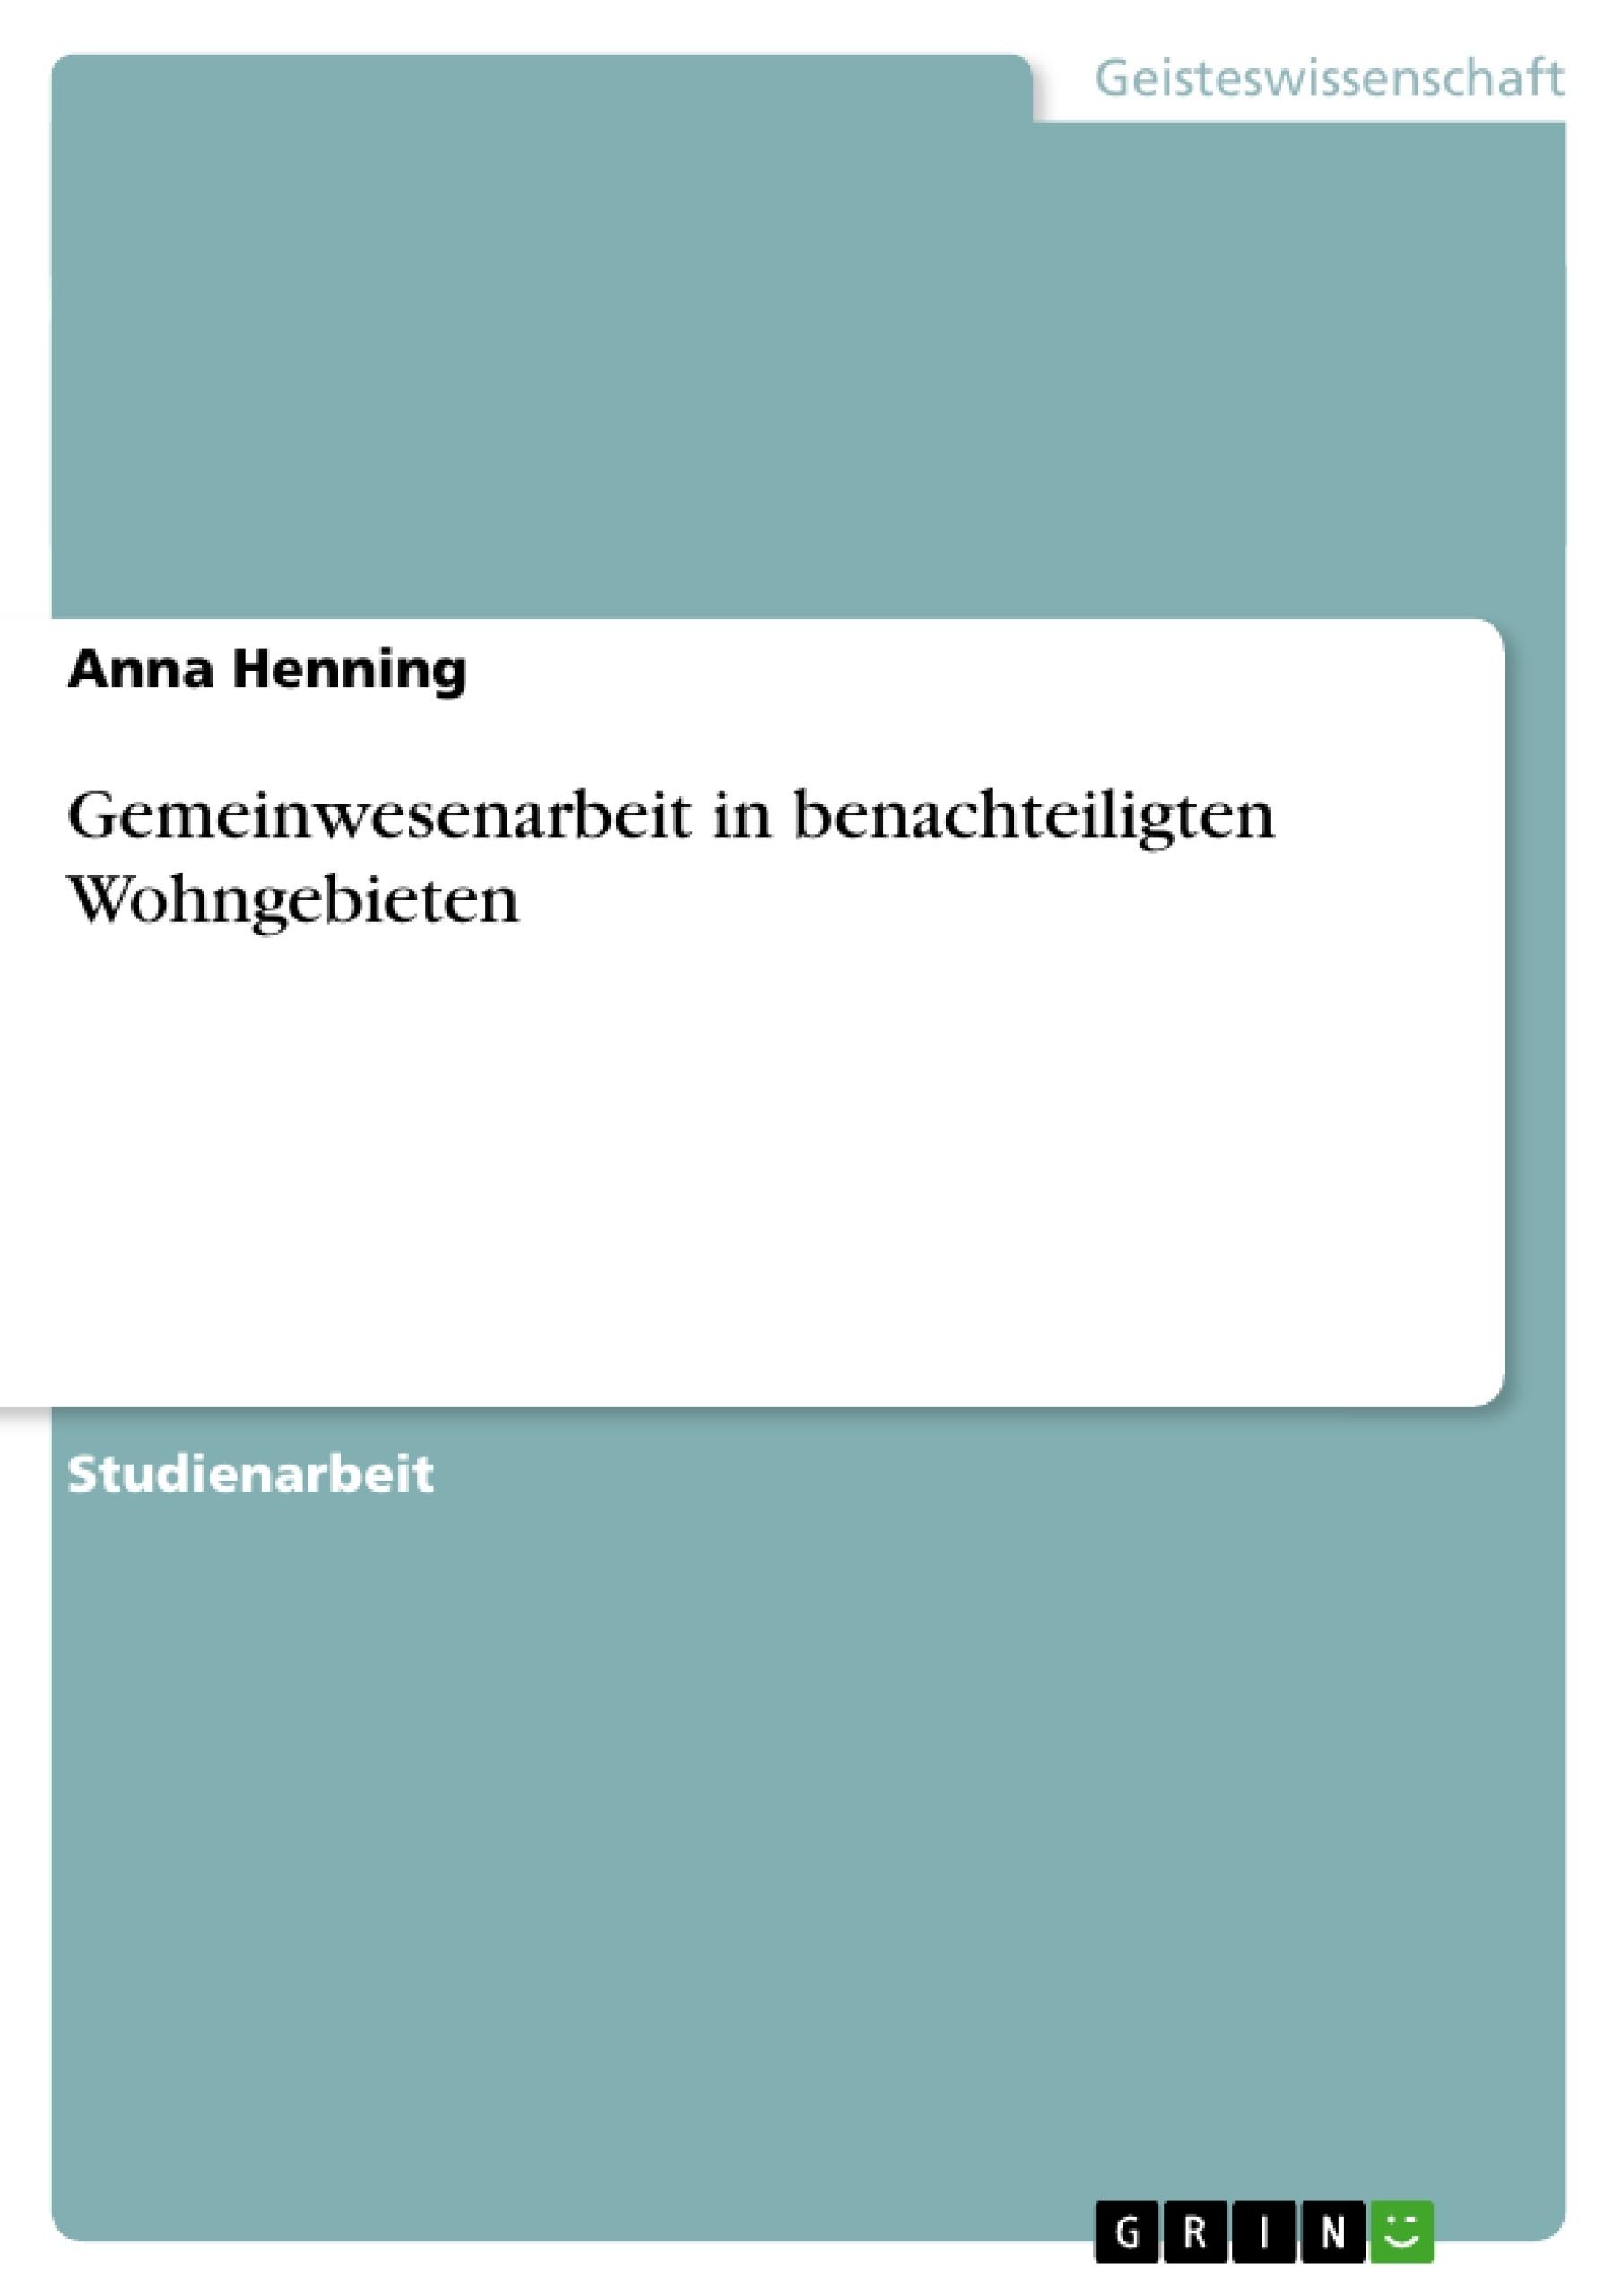 Titel: Gemeinwesenarbeit in benachteiligten Wohngebieten